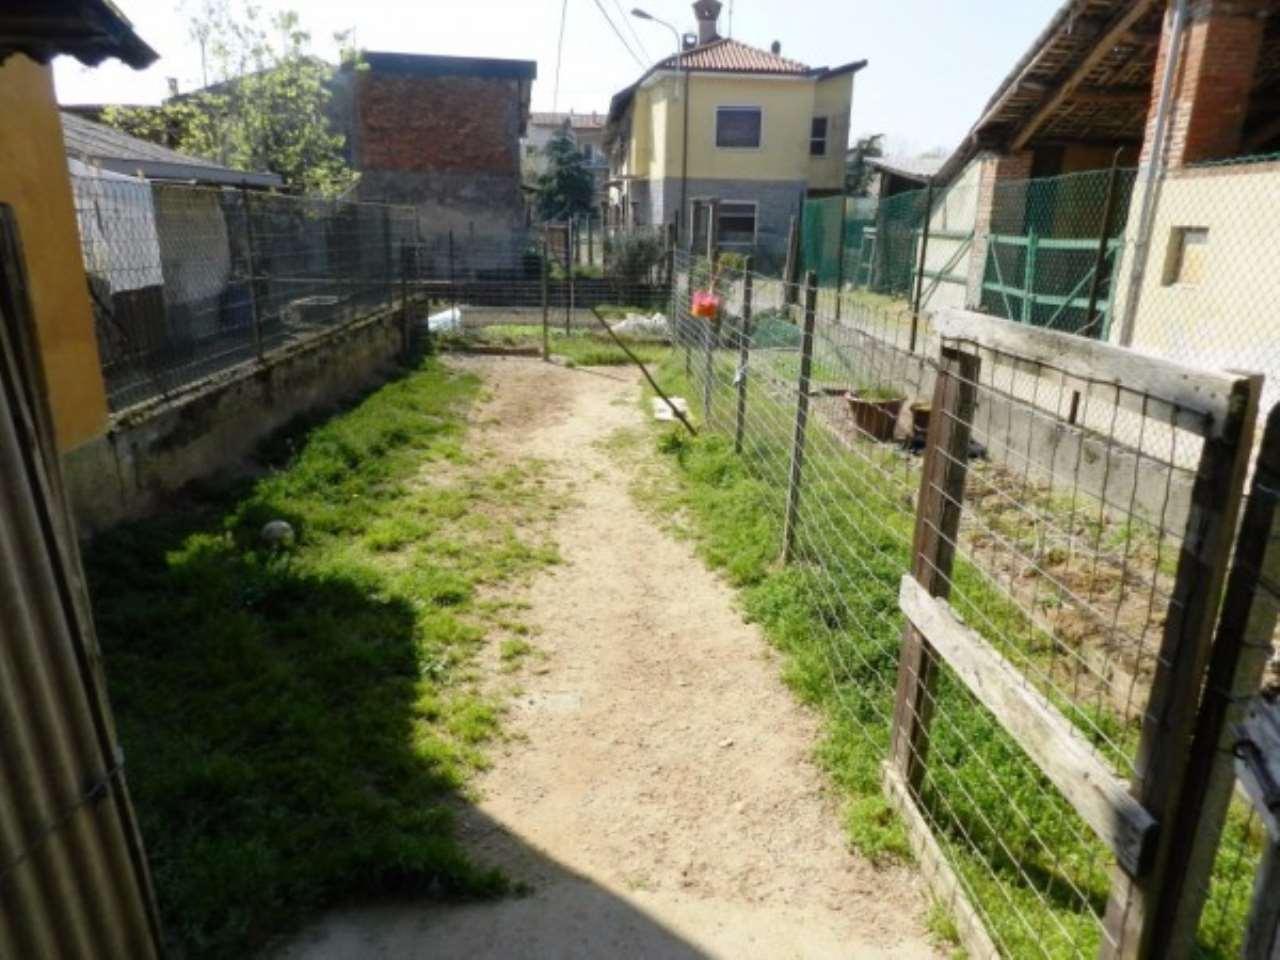 Rustico / Casale in vendita a Marcignago, 3 locali, prezzo € 30.000 | CambioCasa.it